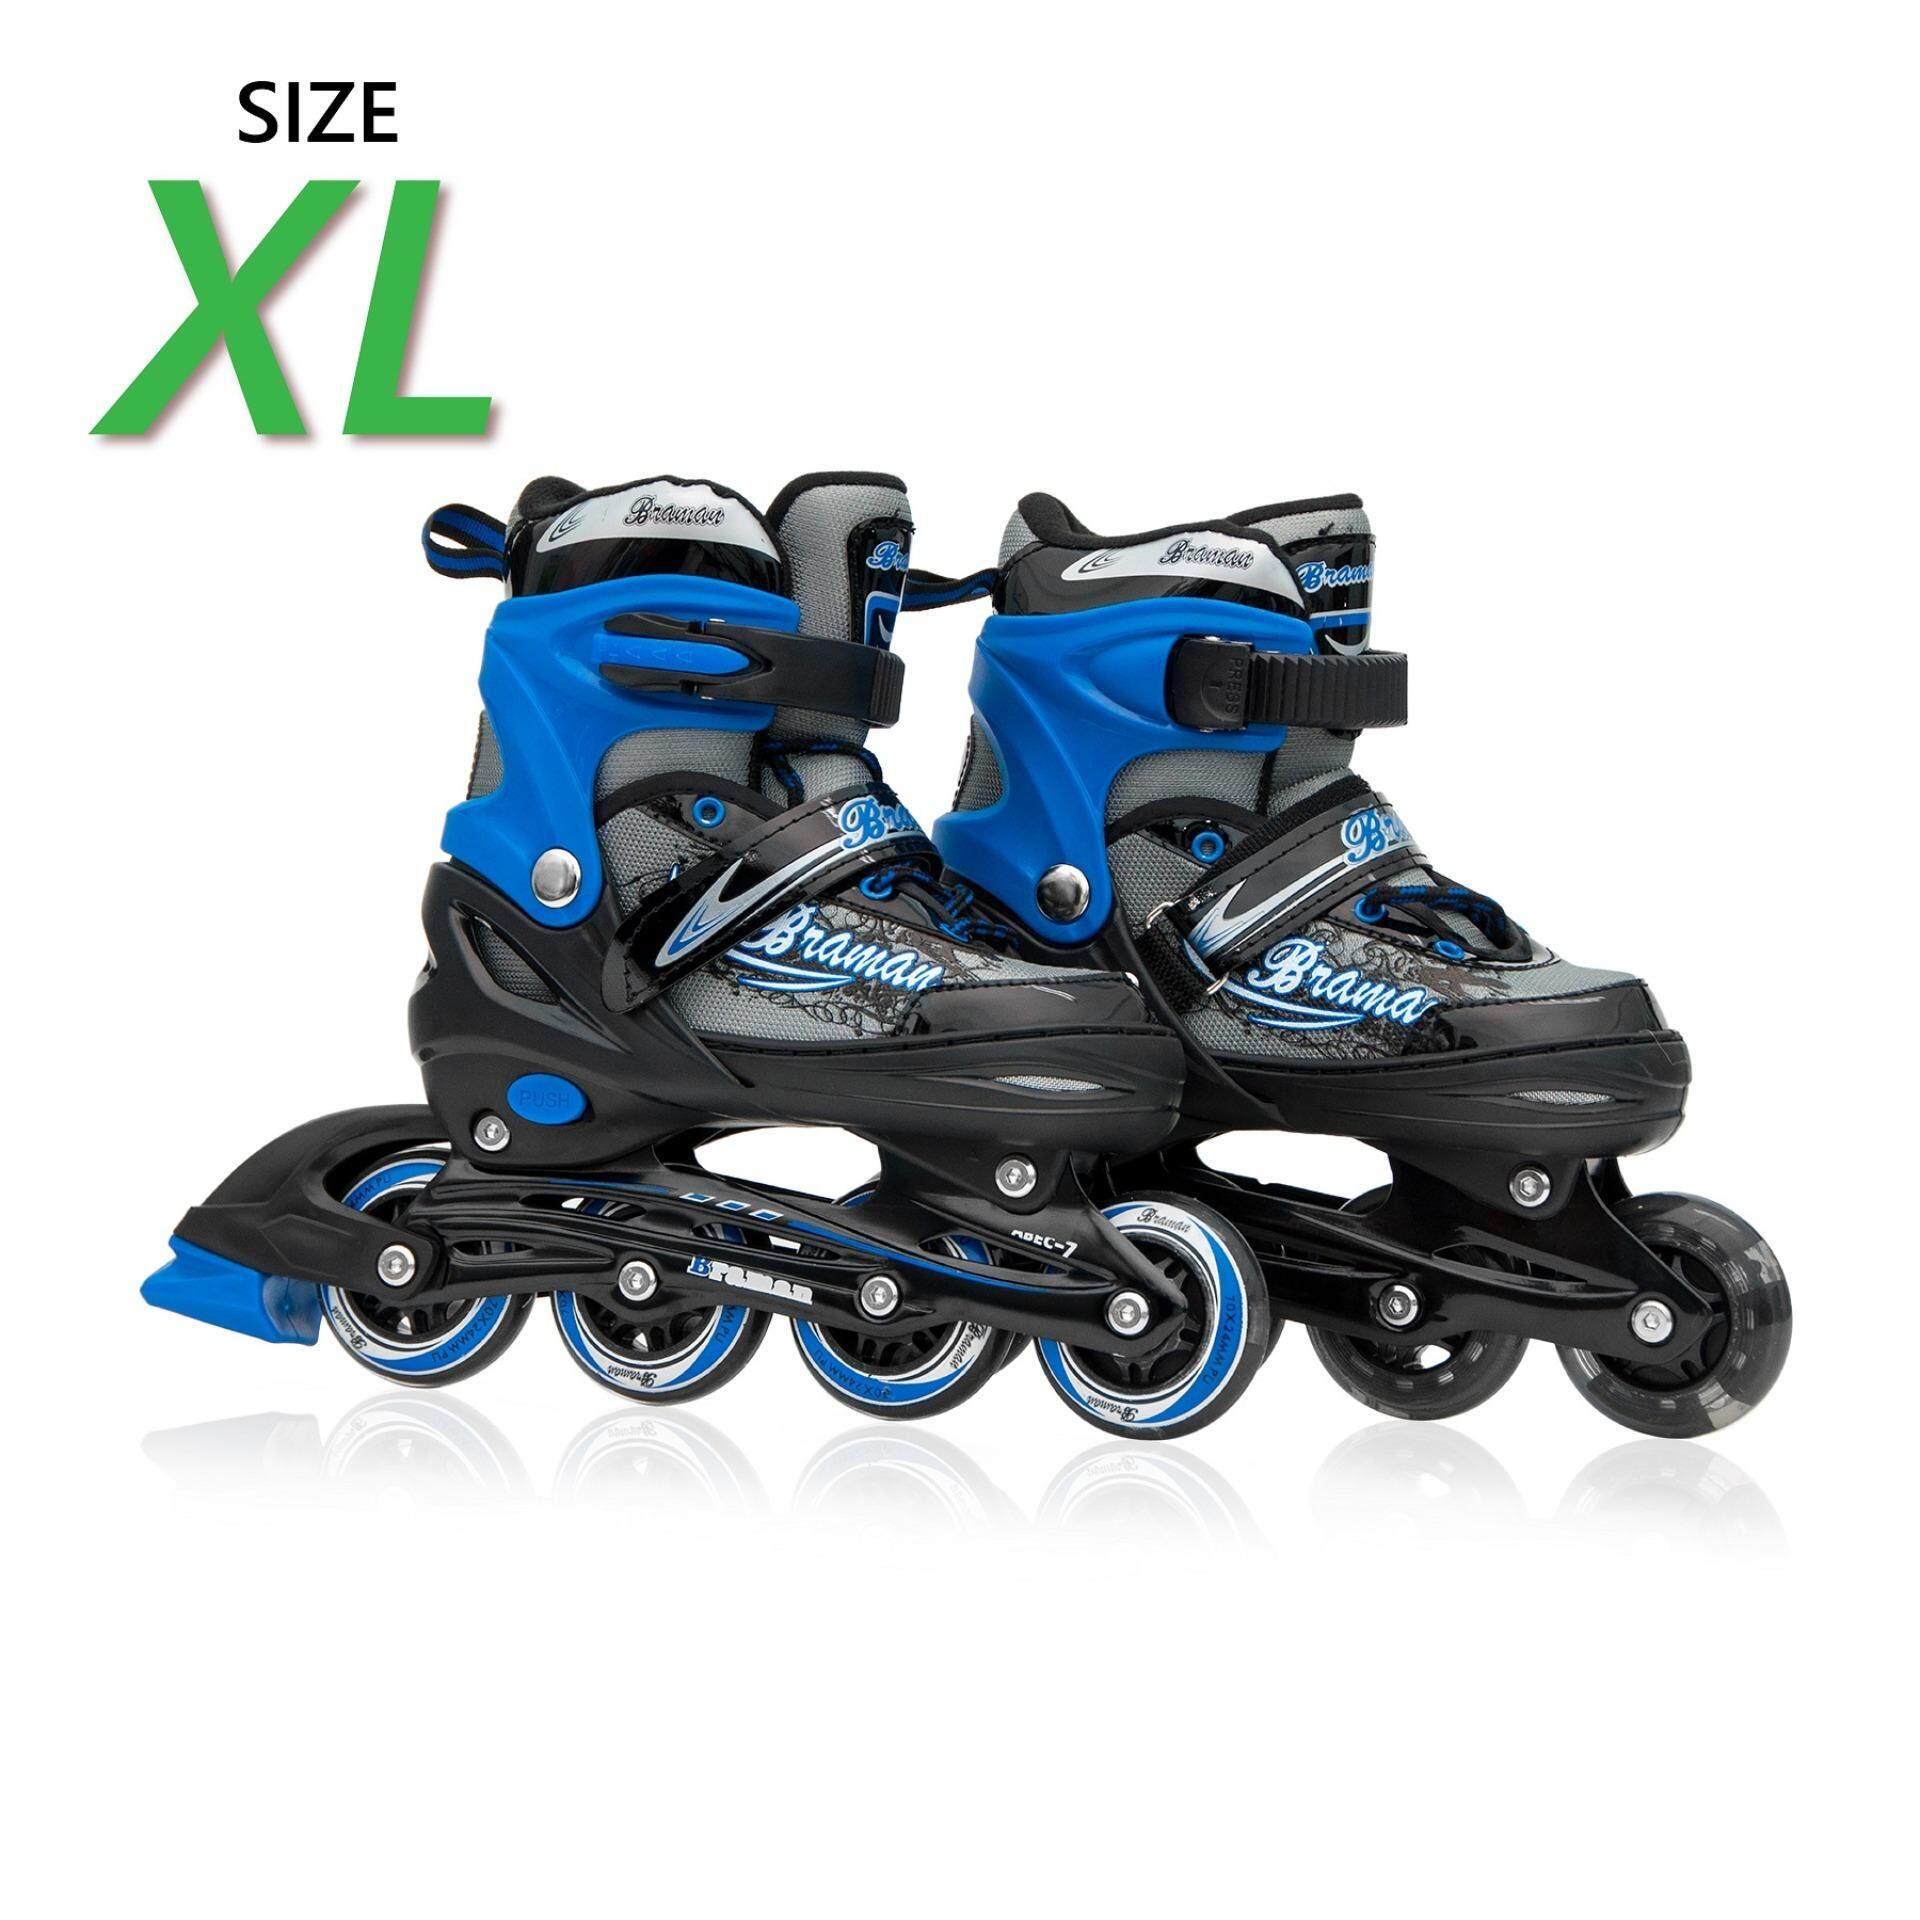 ขาย รองเท้าอินไลน์สเก็ต Premium Inline Skate Braman Aluminium Tracks Abec 7 Wheels With Lights 0415B Warranty 1 Year เบอร์ 37 44 Black Xl ถูก